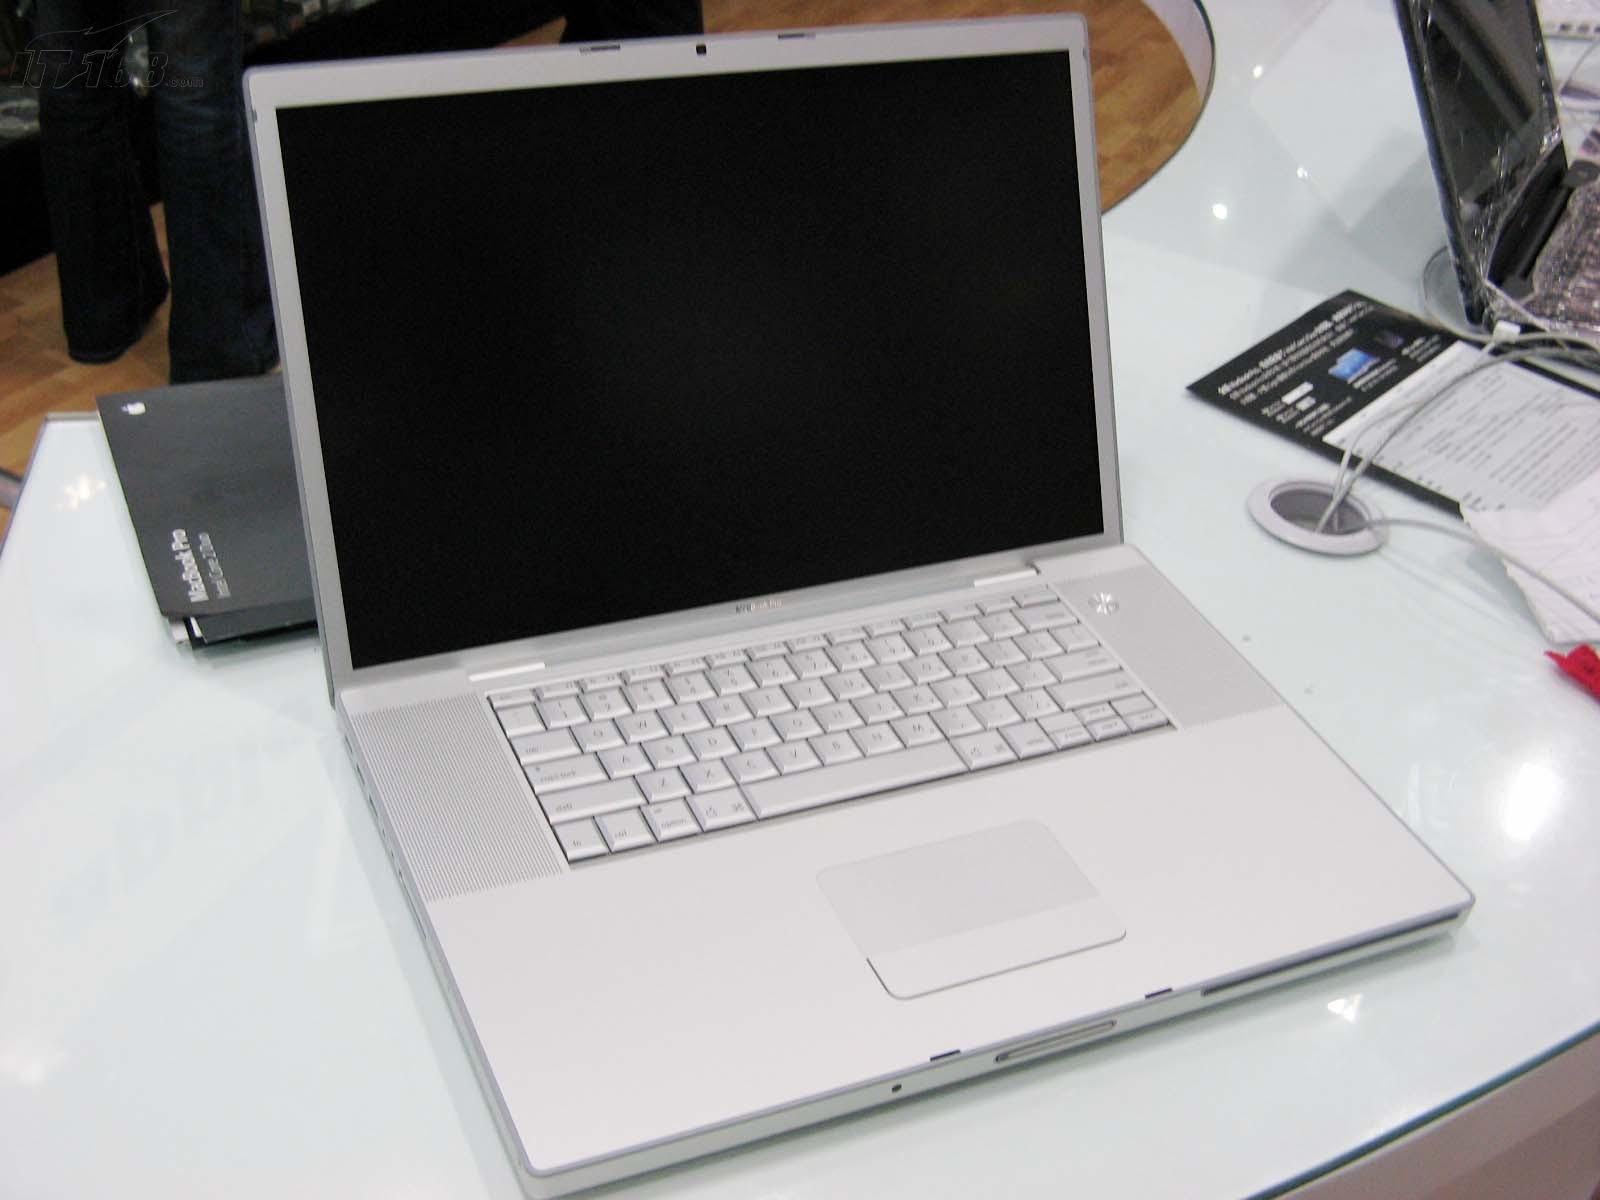 17寸定制型触摸屏低耗能工业平板电脑支持WIN10研华